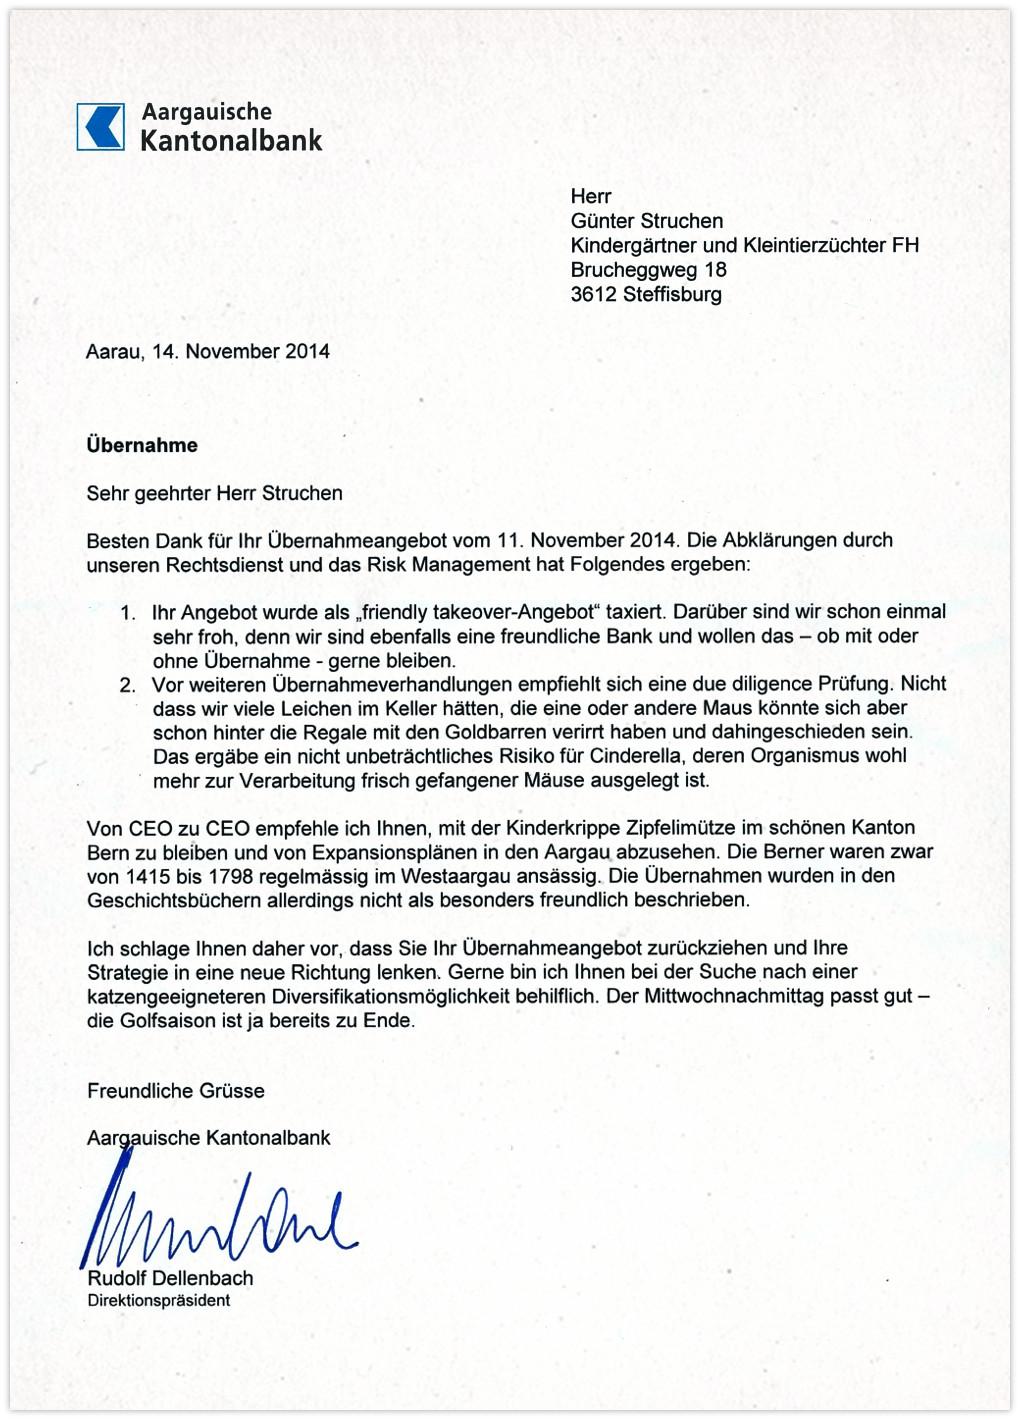 Aargauer Kantonalbank - Antwort